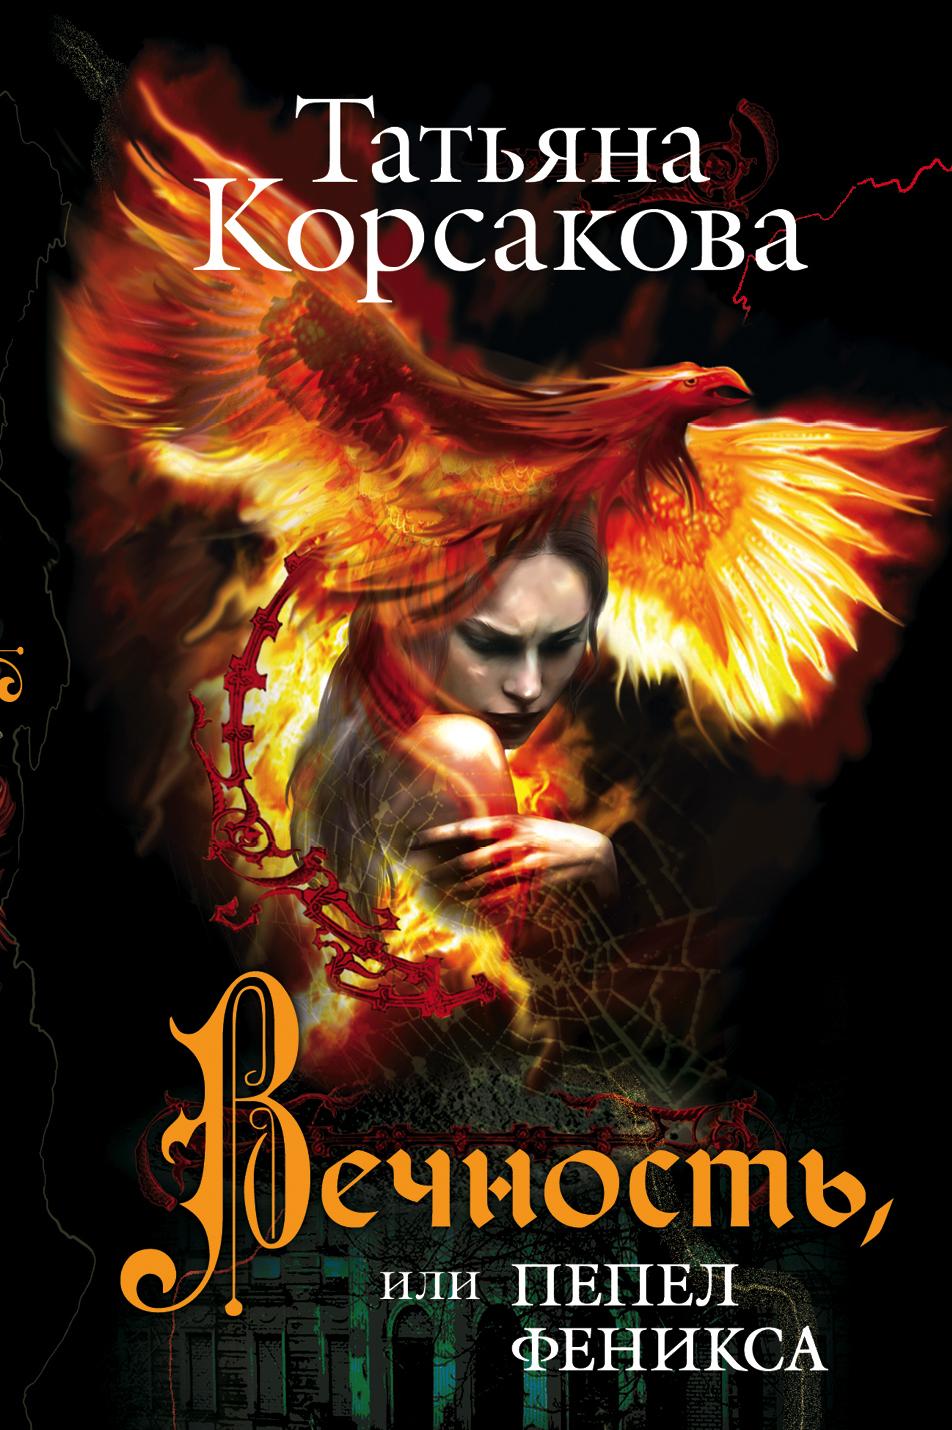 Корсакова Т. Вечность, или Пепел феникса корсакова т вечность или пепел феникса